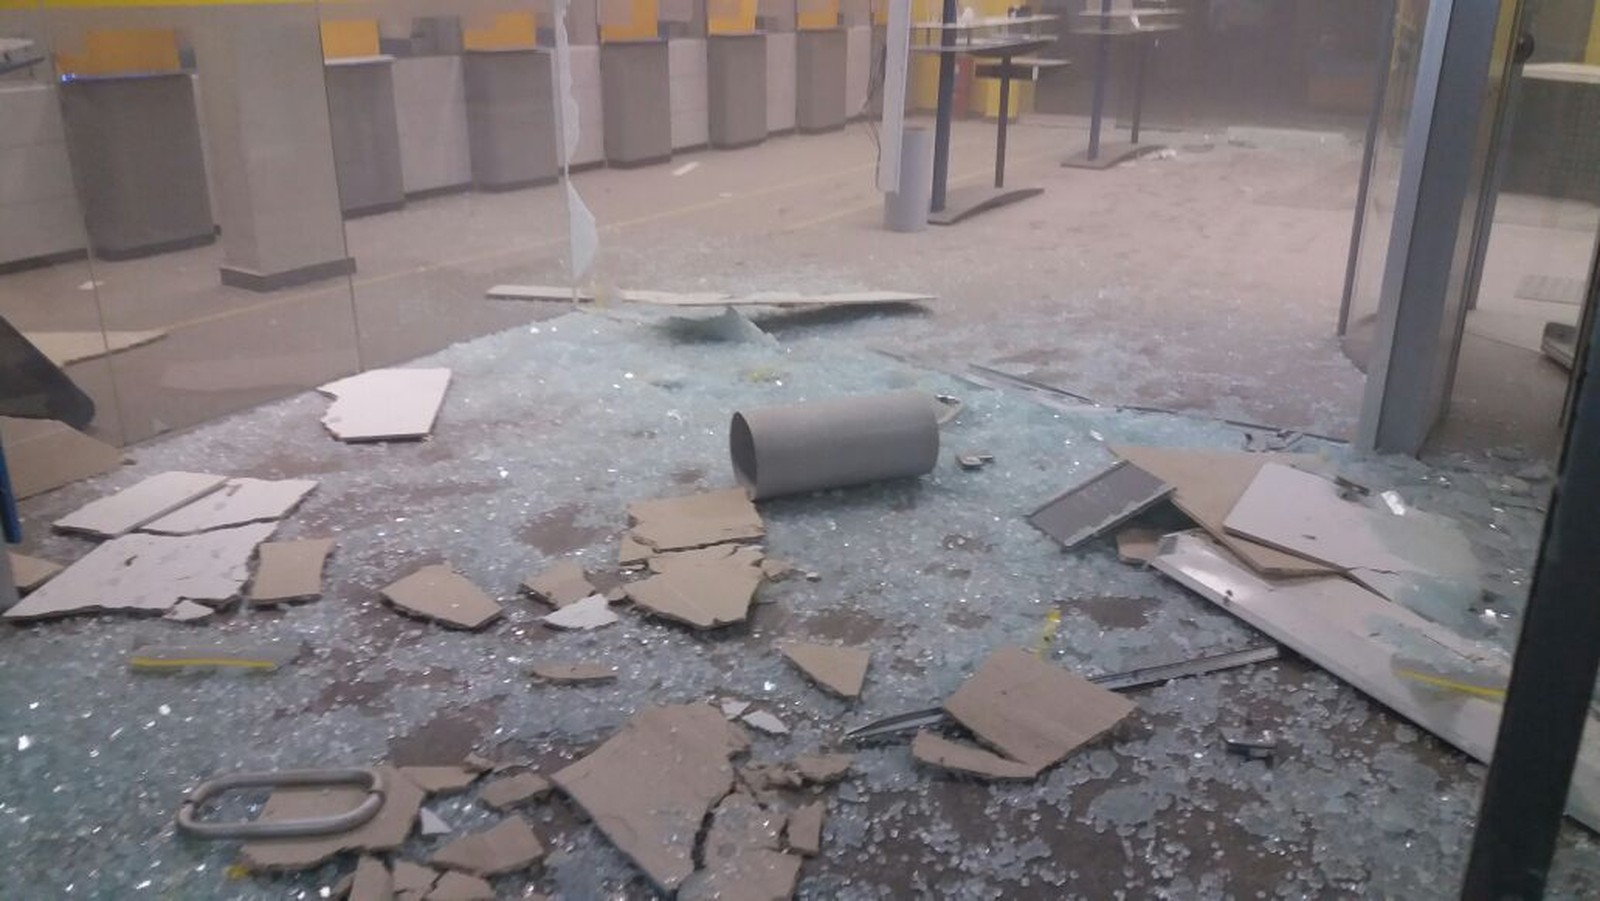 Criminosos explodiram agência do Banco do Brasil, em Gurupi (Foto: Jairo Santos/TV Anhanguera)